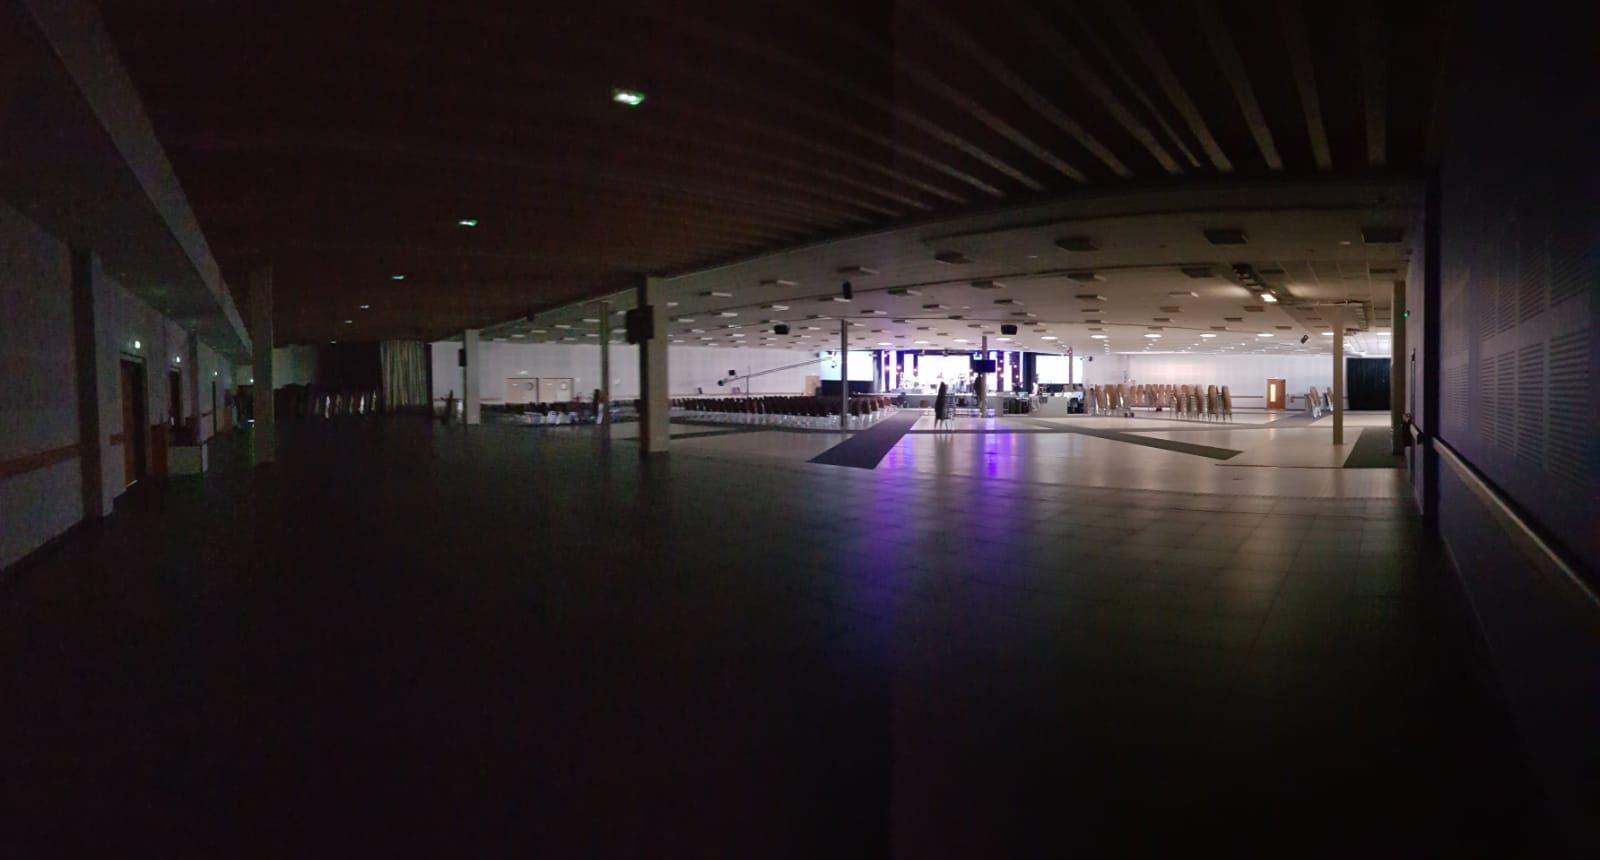 Photo de salle de rencontre de l'Eglise La Porte Ouverte à Mulhouse lors de l'annonce par cette dernière de la reprise des culters. On y voit la salle vide, dans la pénombre, après 4 mois de fermeture et de deuil.